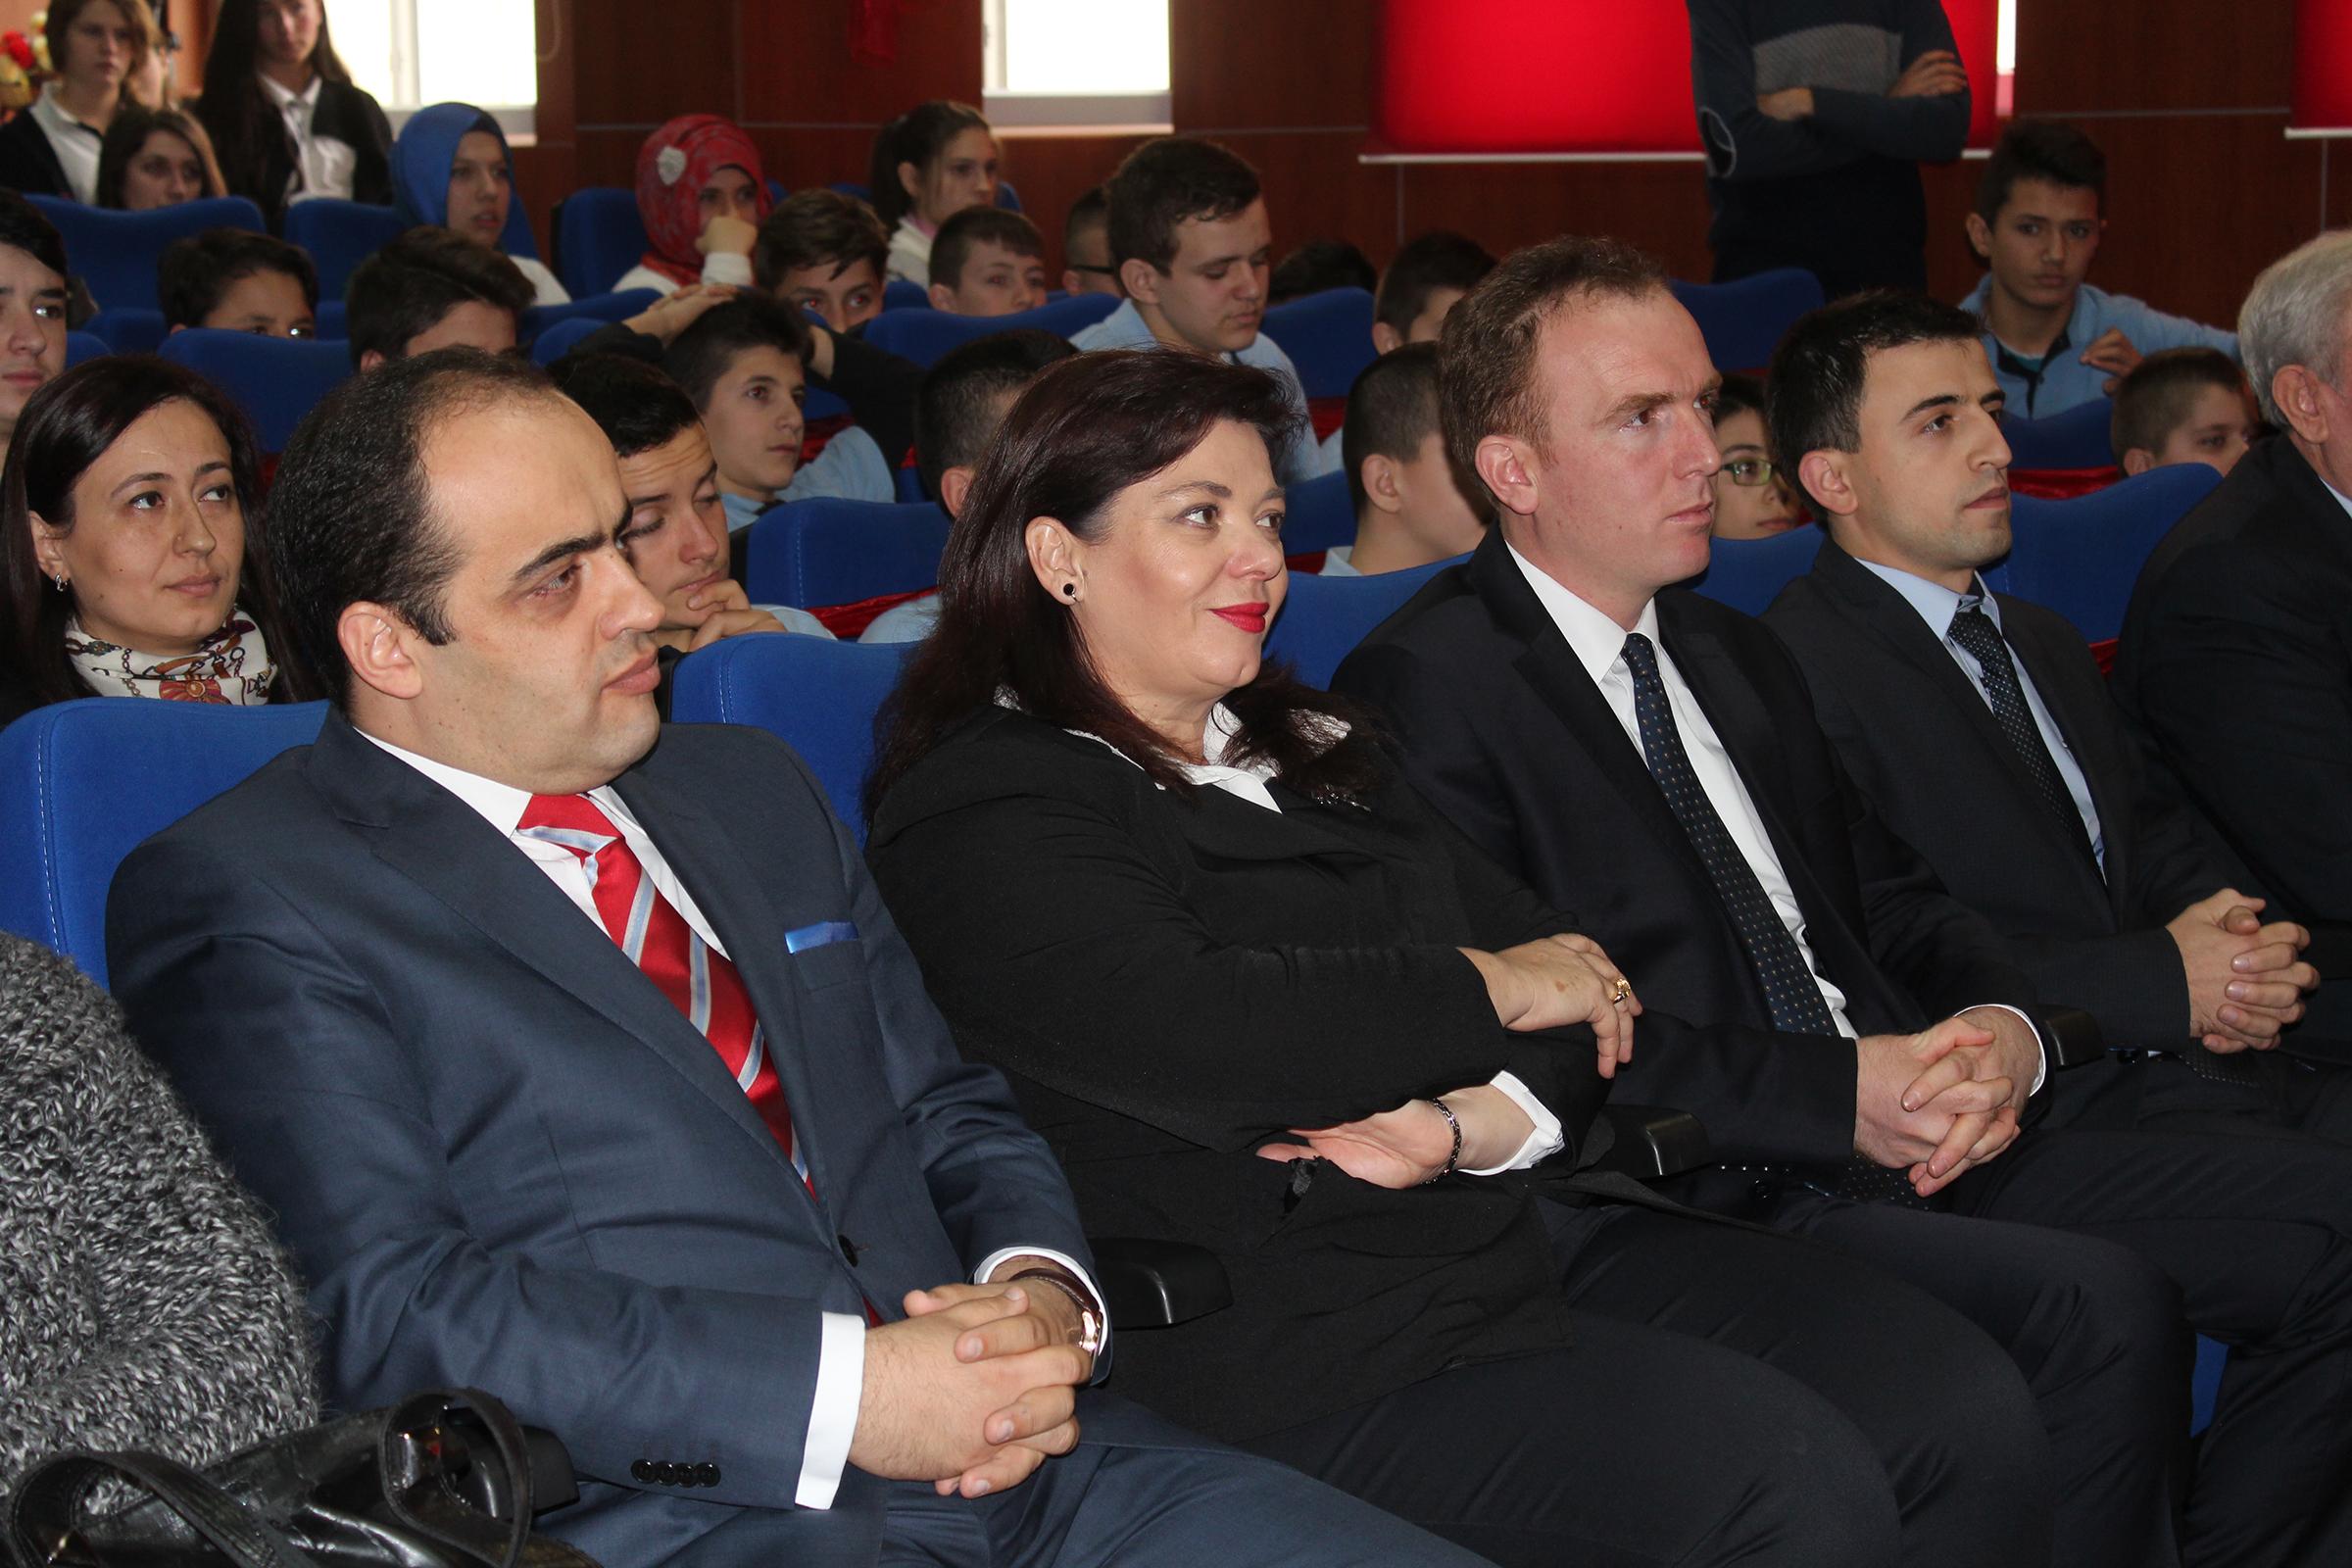 Medreseja e Tiranës, program festiv me rastin e festave të nëntorit